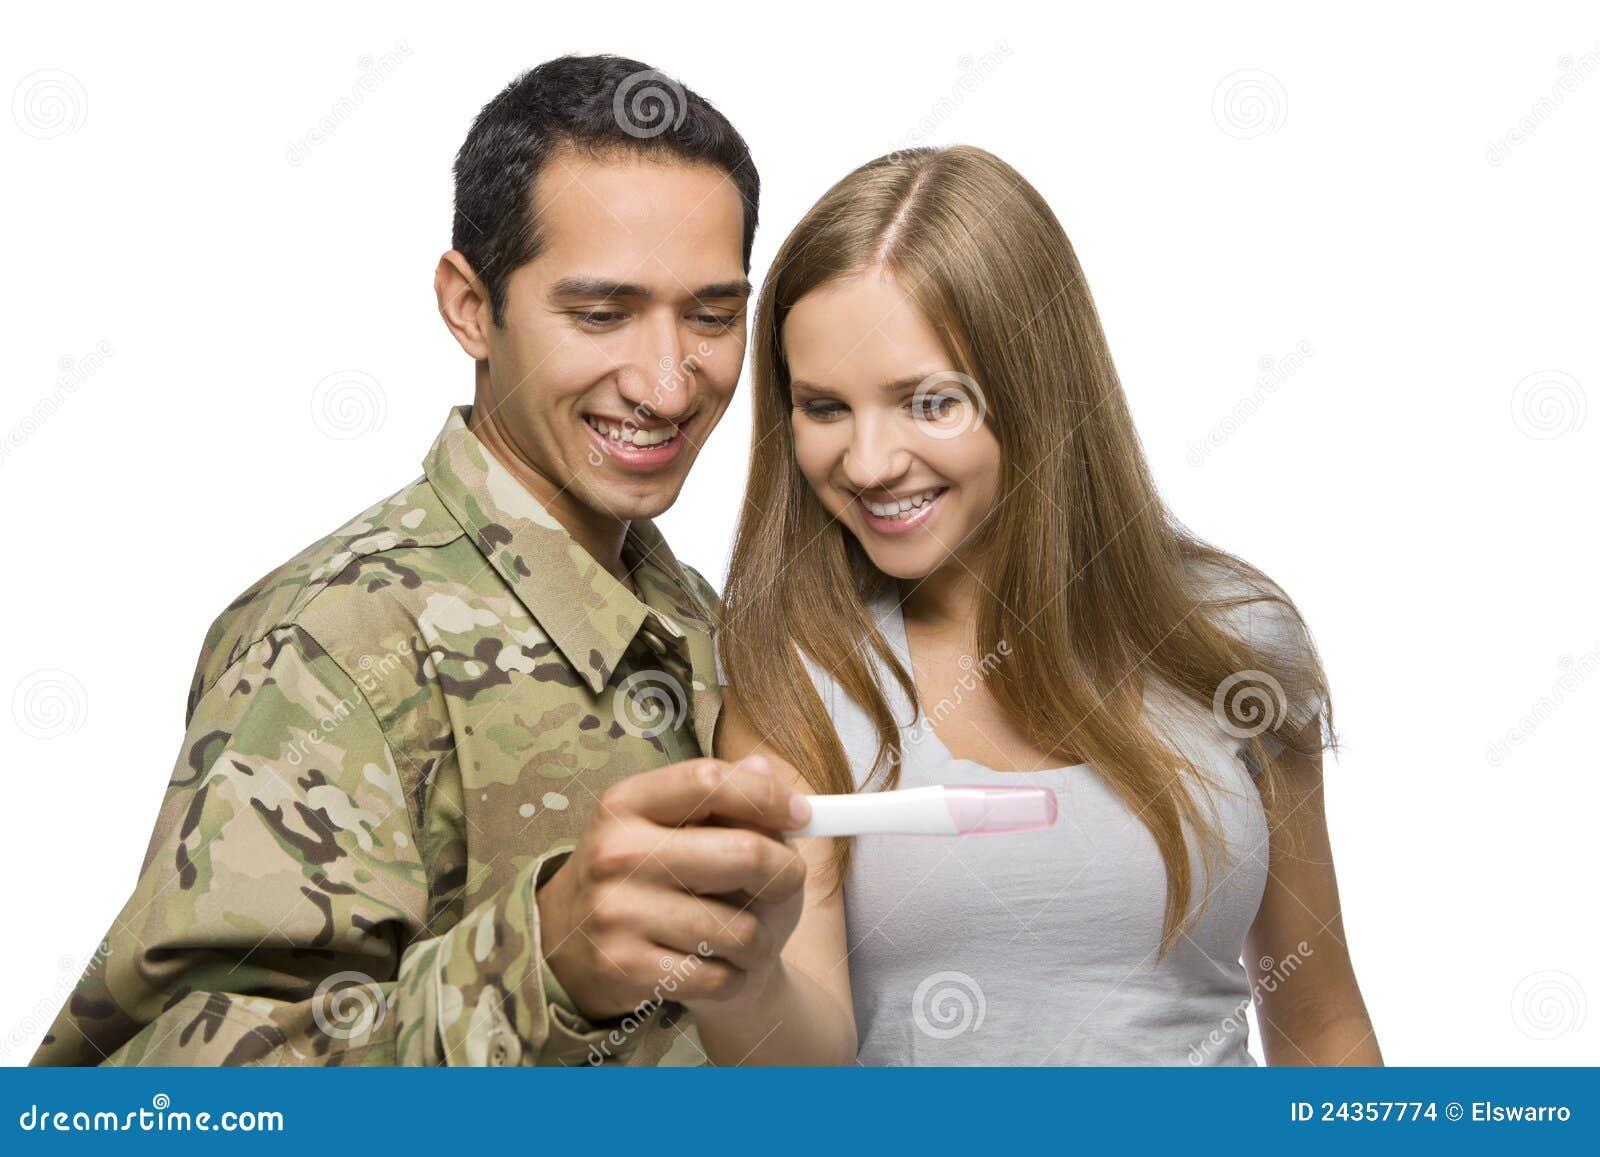 Пособие беременной жене военнослужащего по призыву